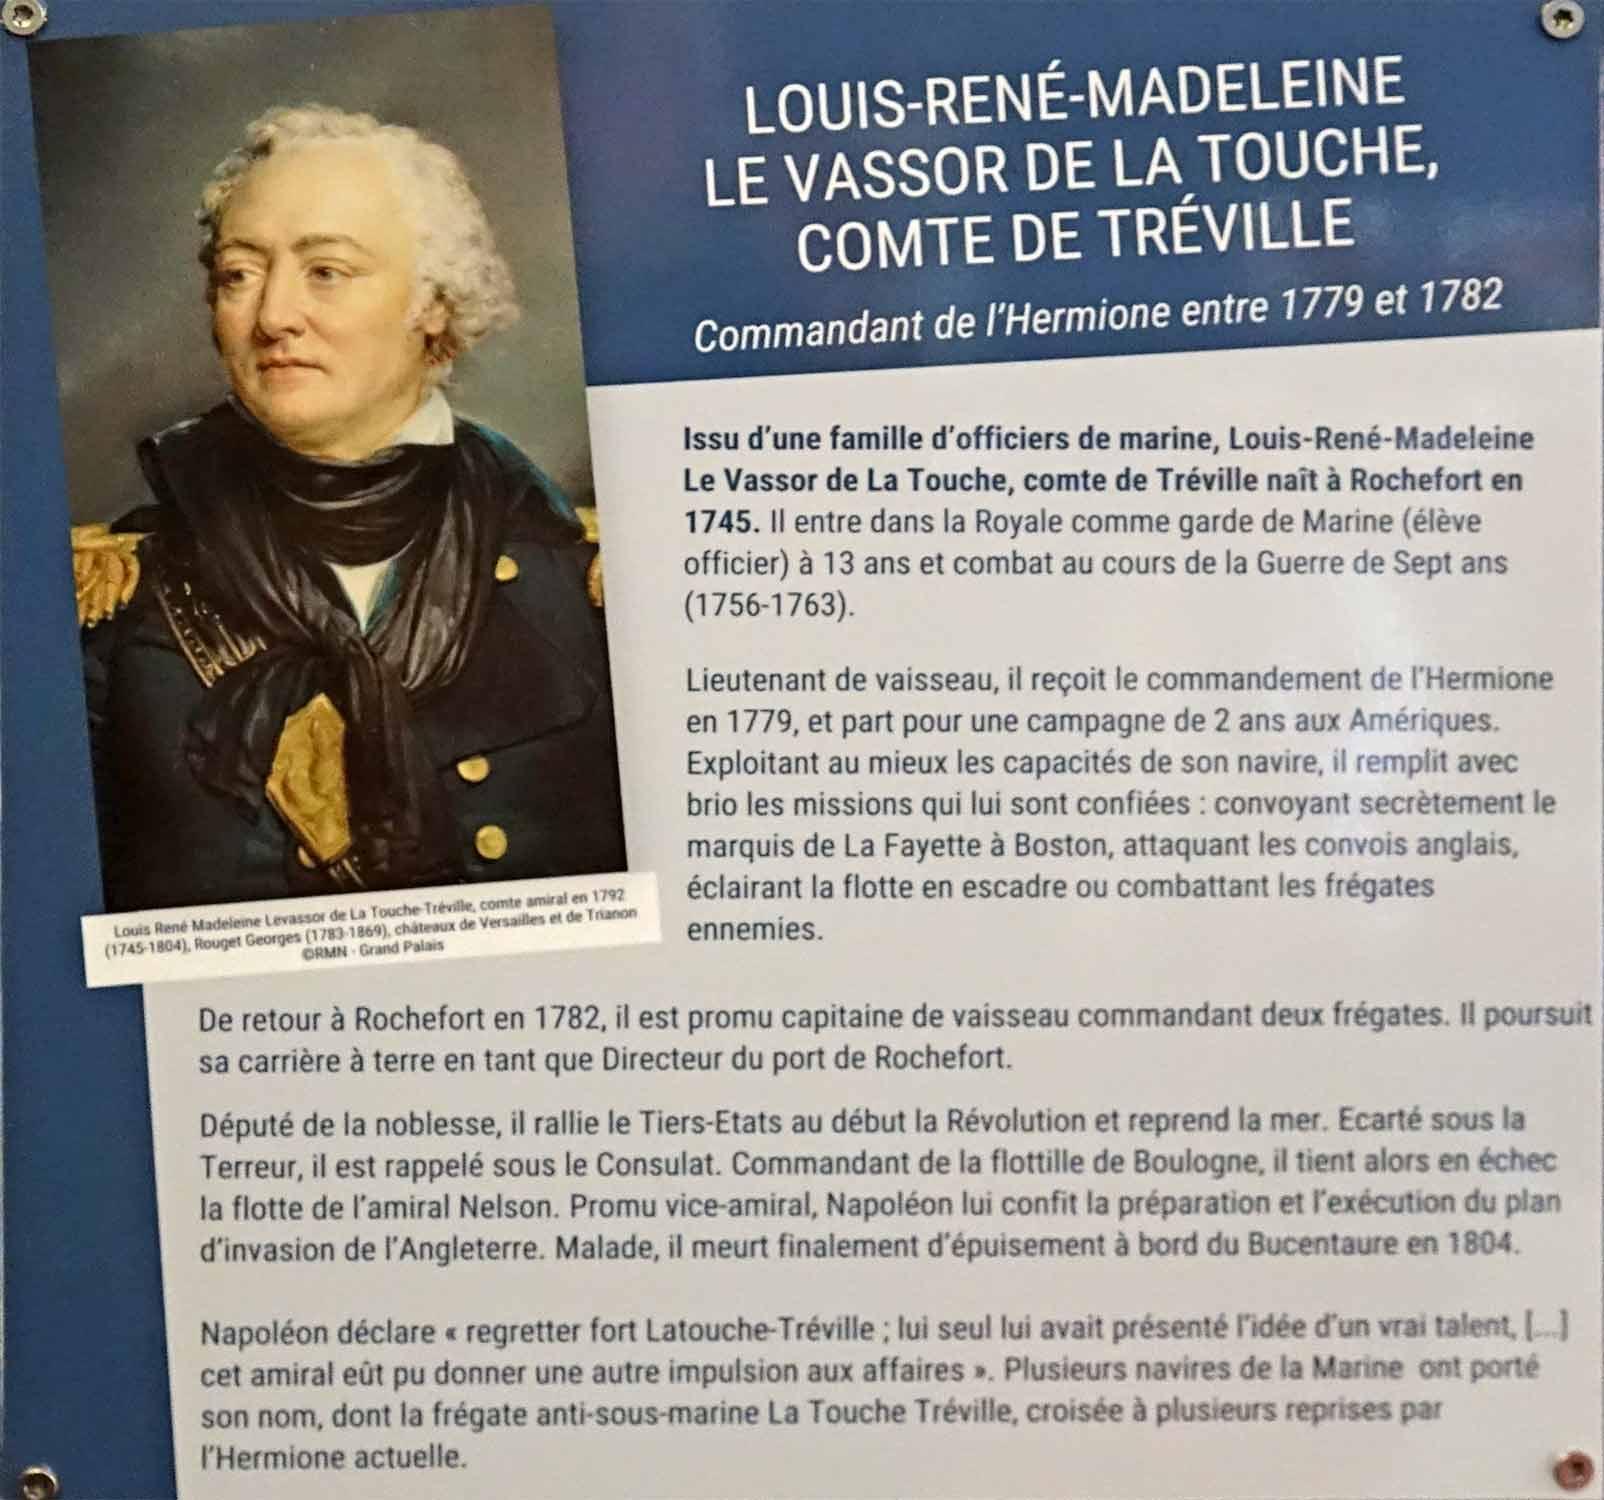 Louis-René-Madeleine Le Vassor de La Touche, comte de Tréville !